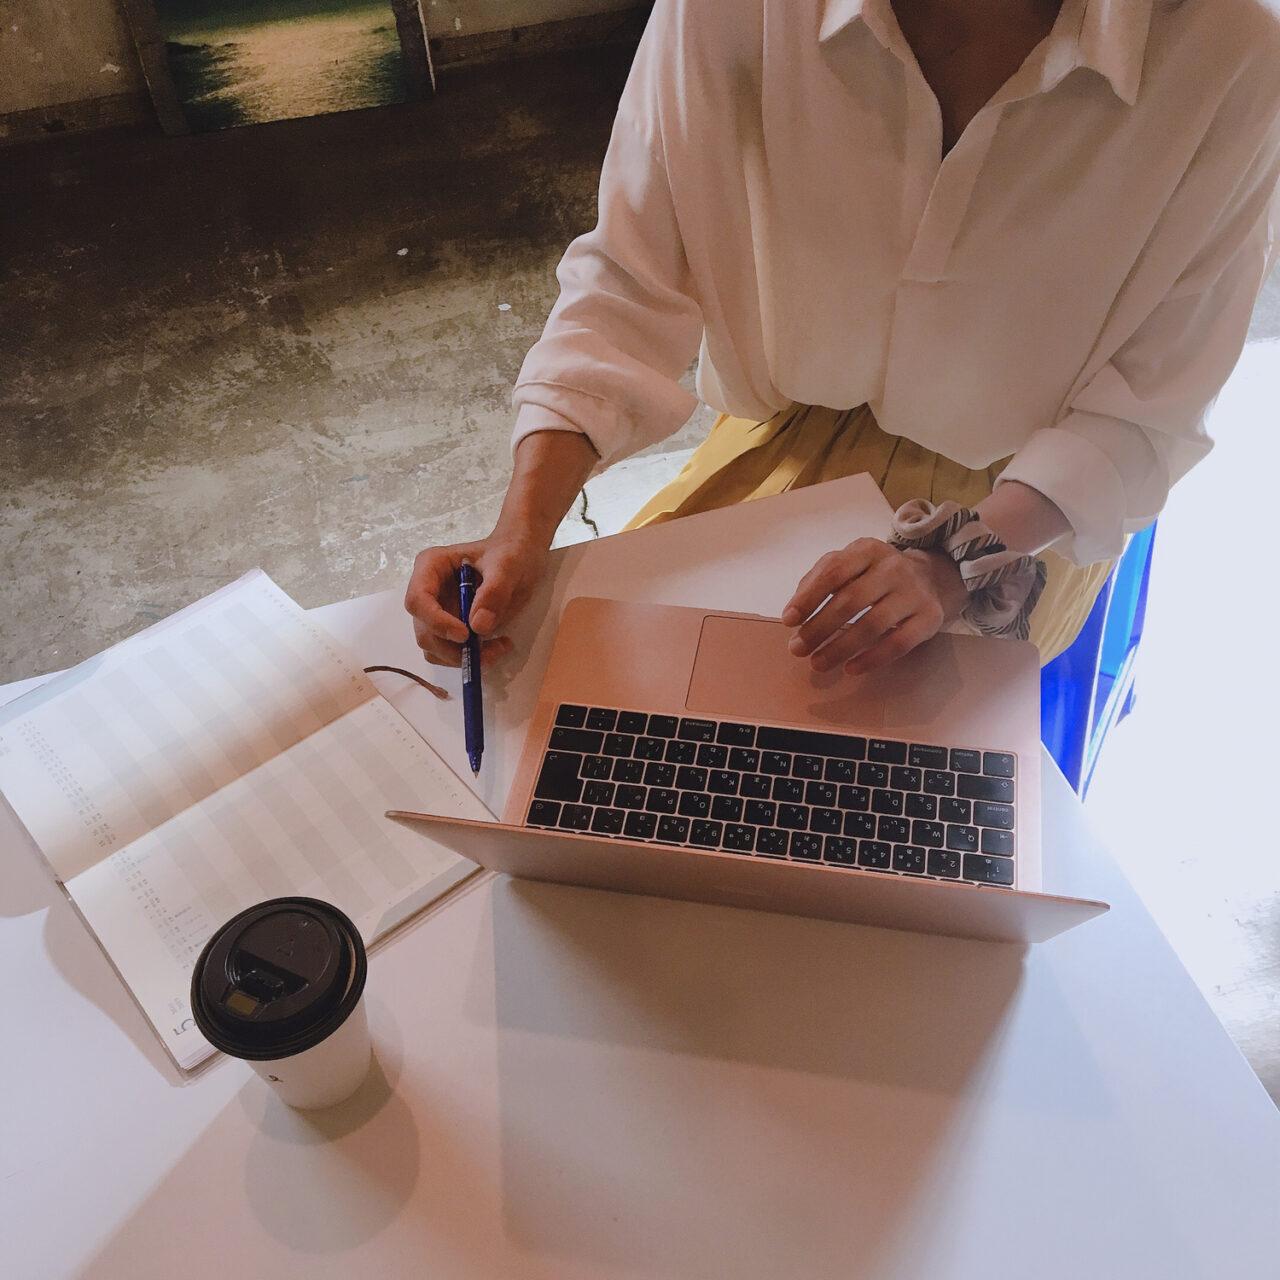 パソコンとノートを見ている女性